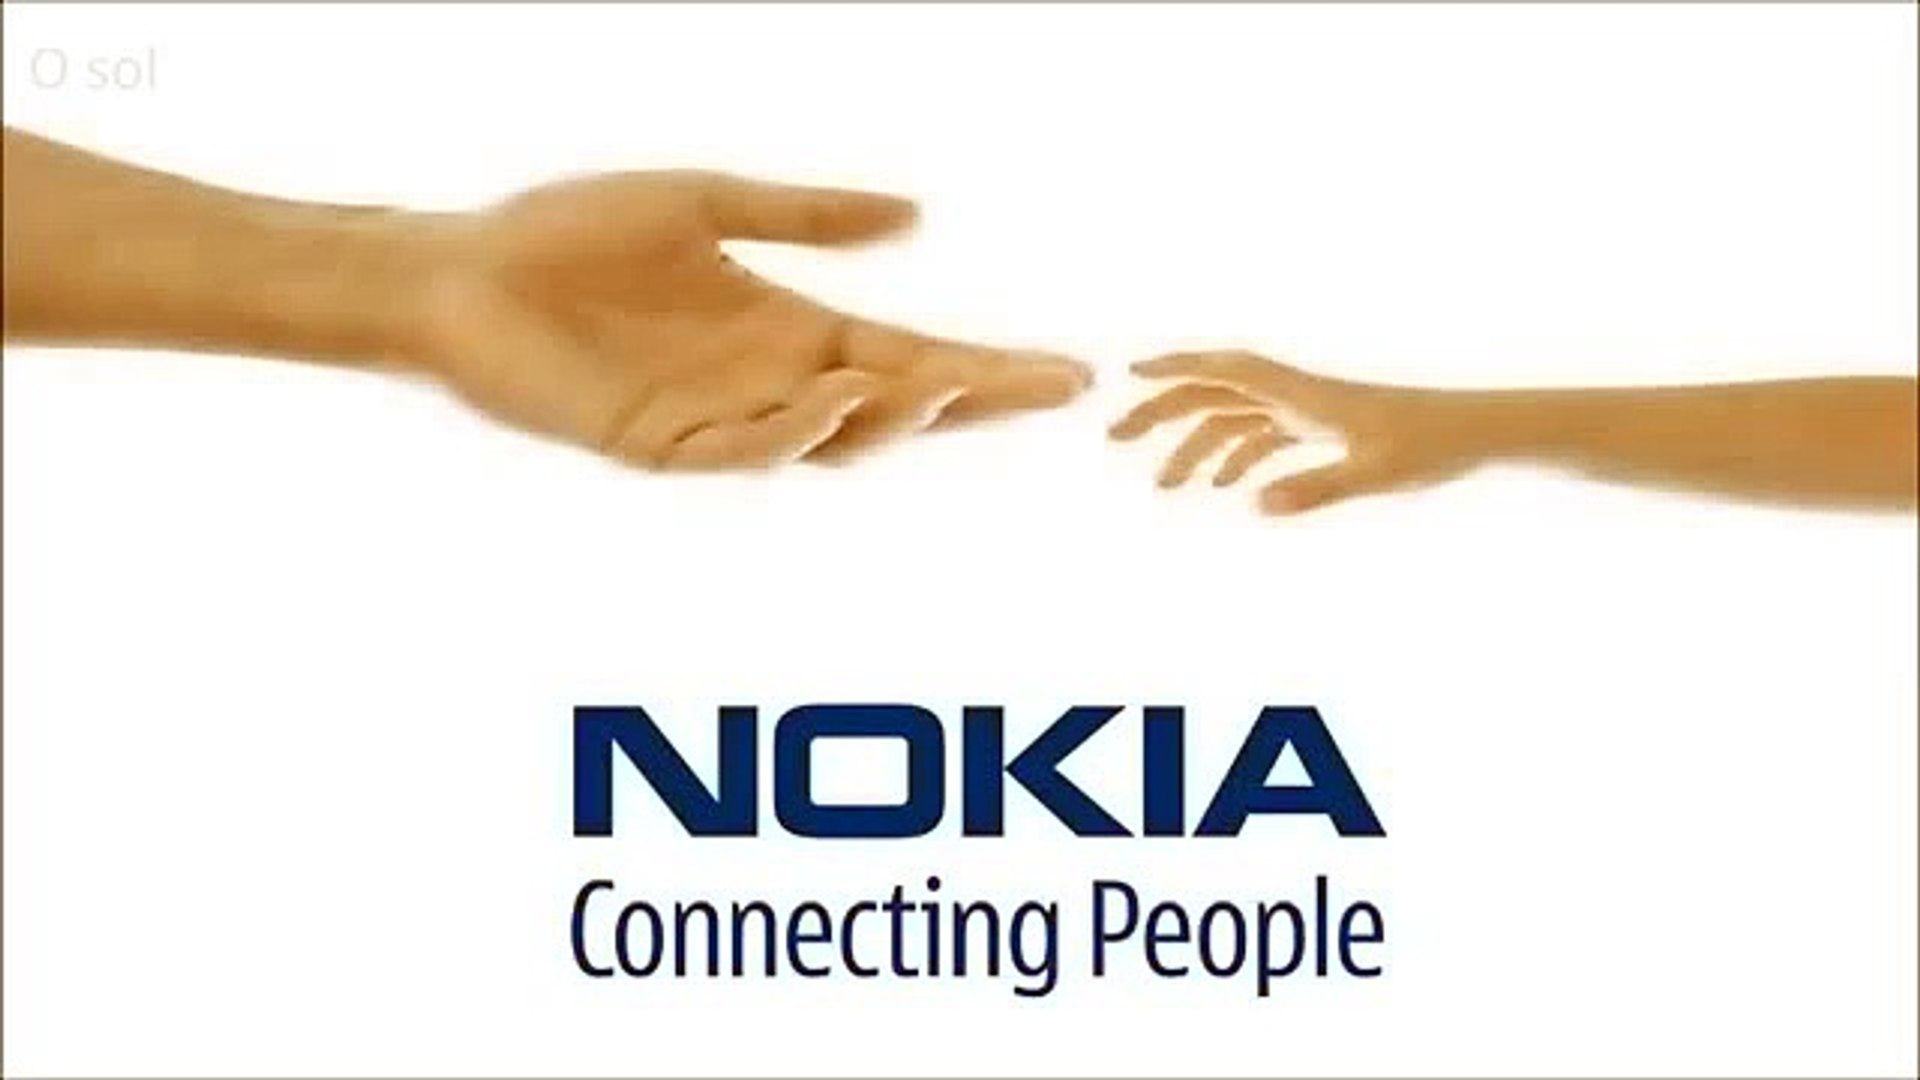 O sol | Nokia Original Ringtone